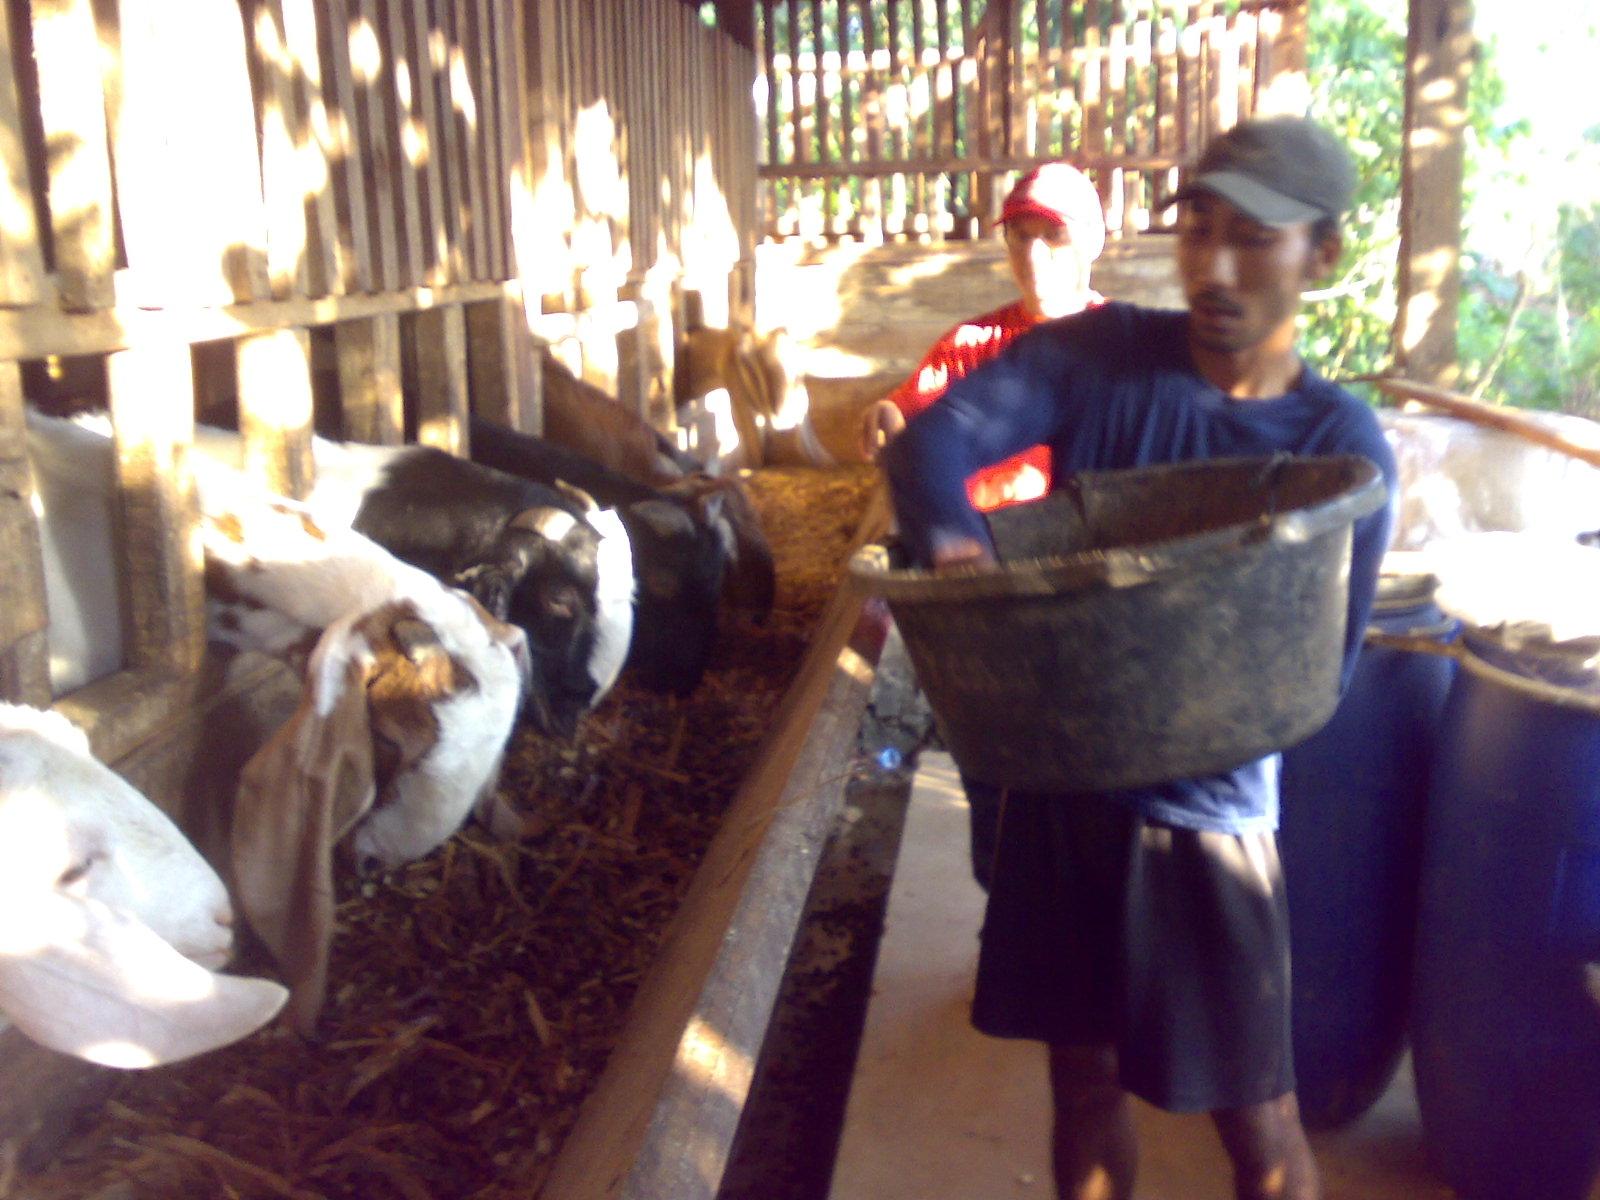 Pakan fermentasi kambing atau domba, sering di sebut Complete feed